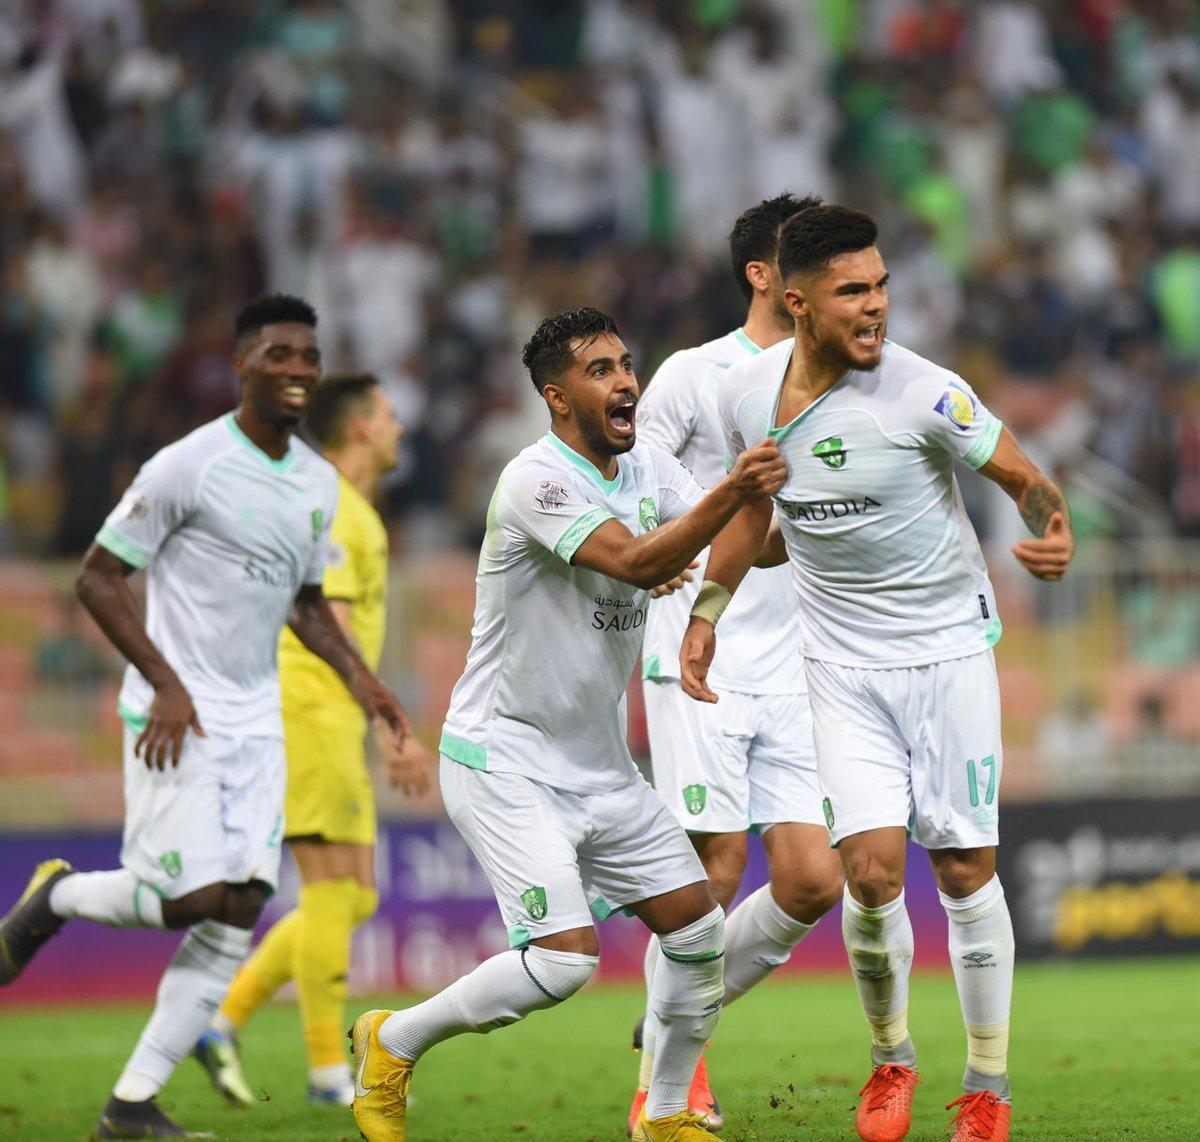 نتيجة مباراة العدالة والأهلي السعودي بتاريخ 01-02-2020 الدوري السعودي